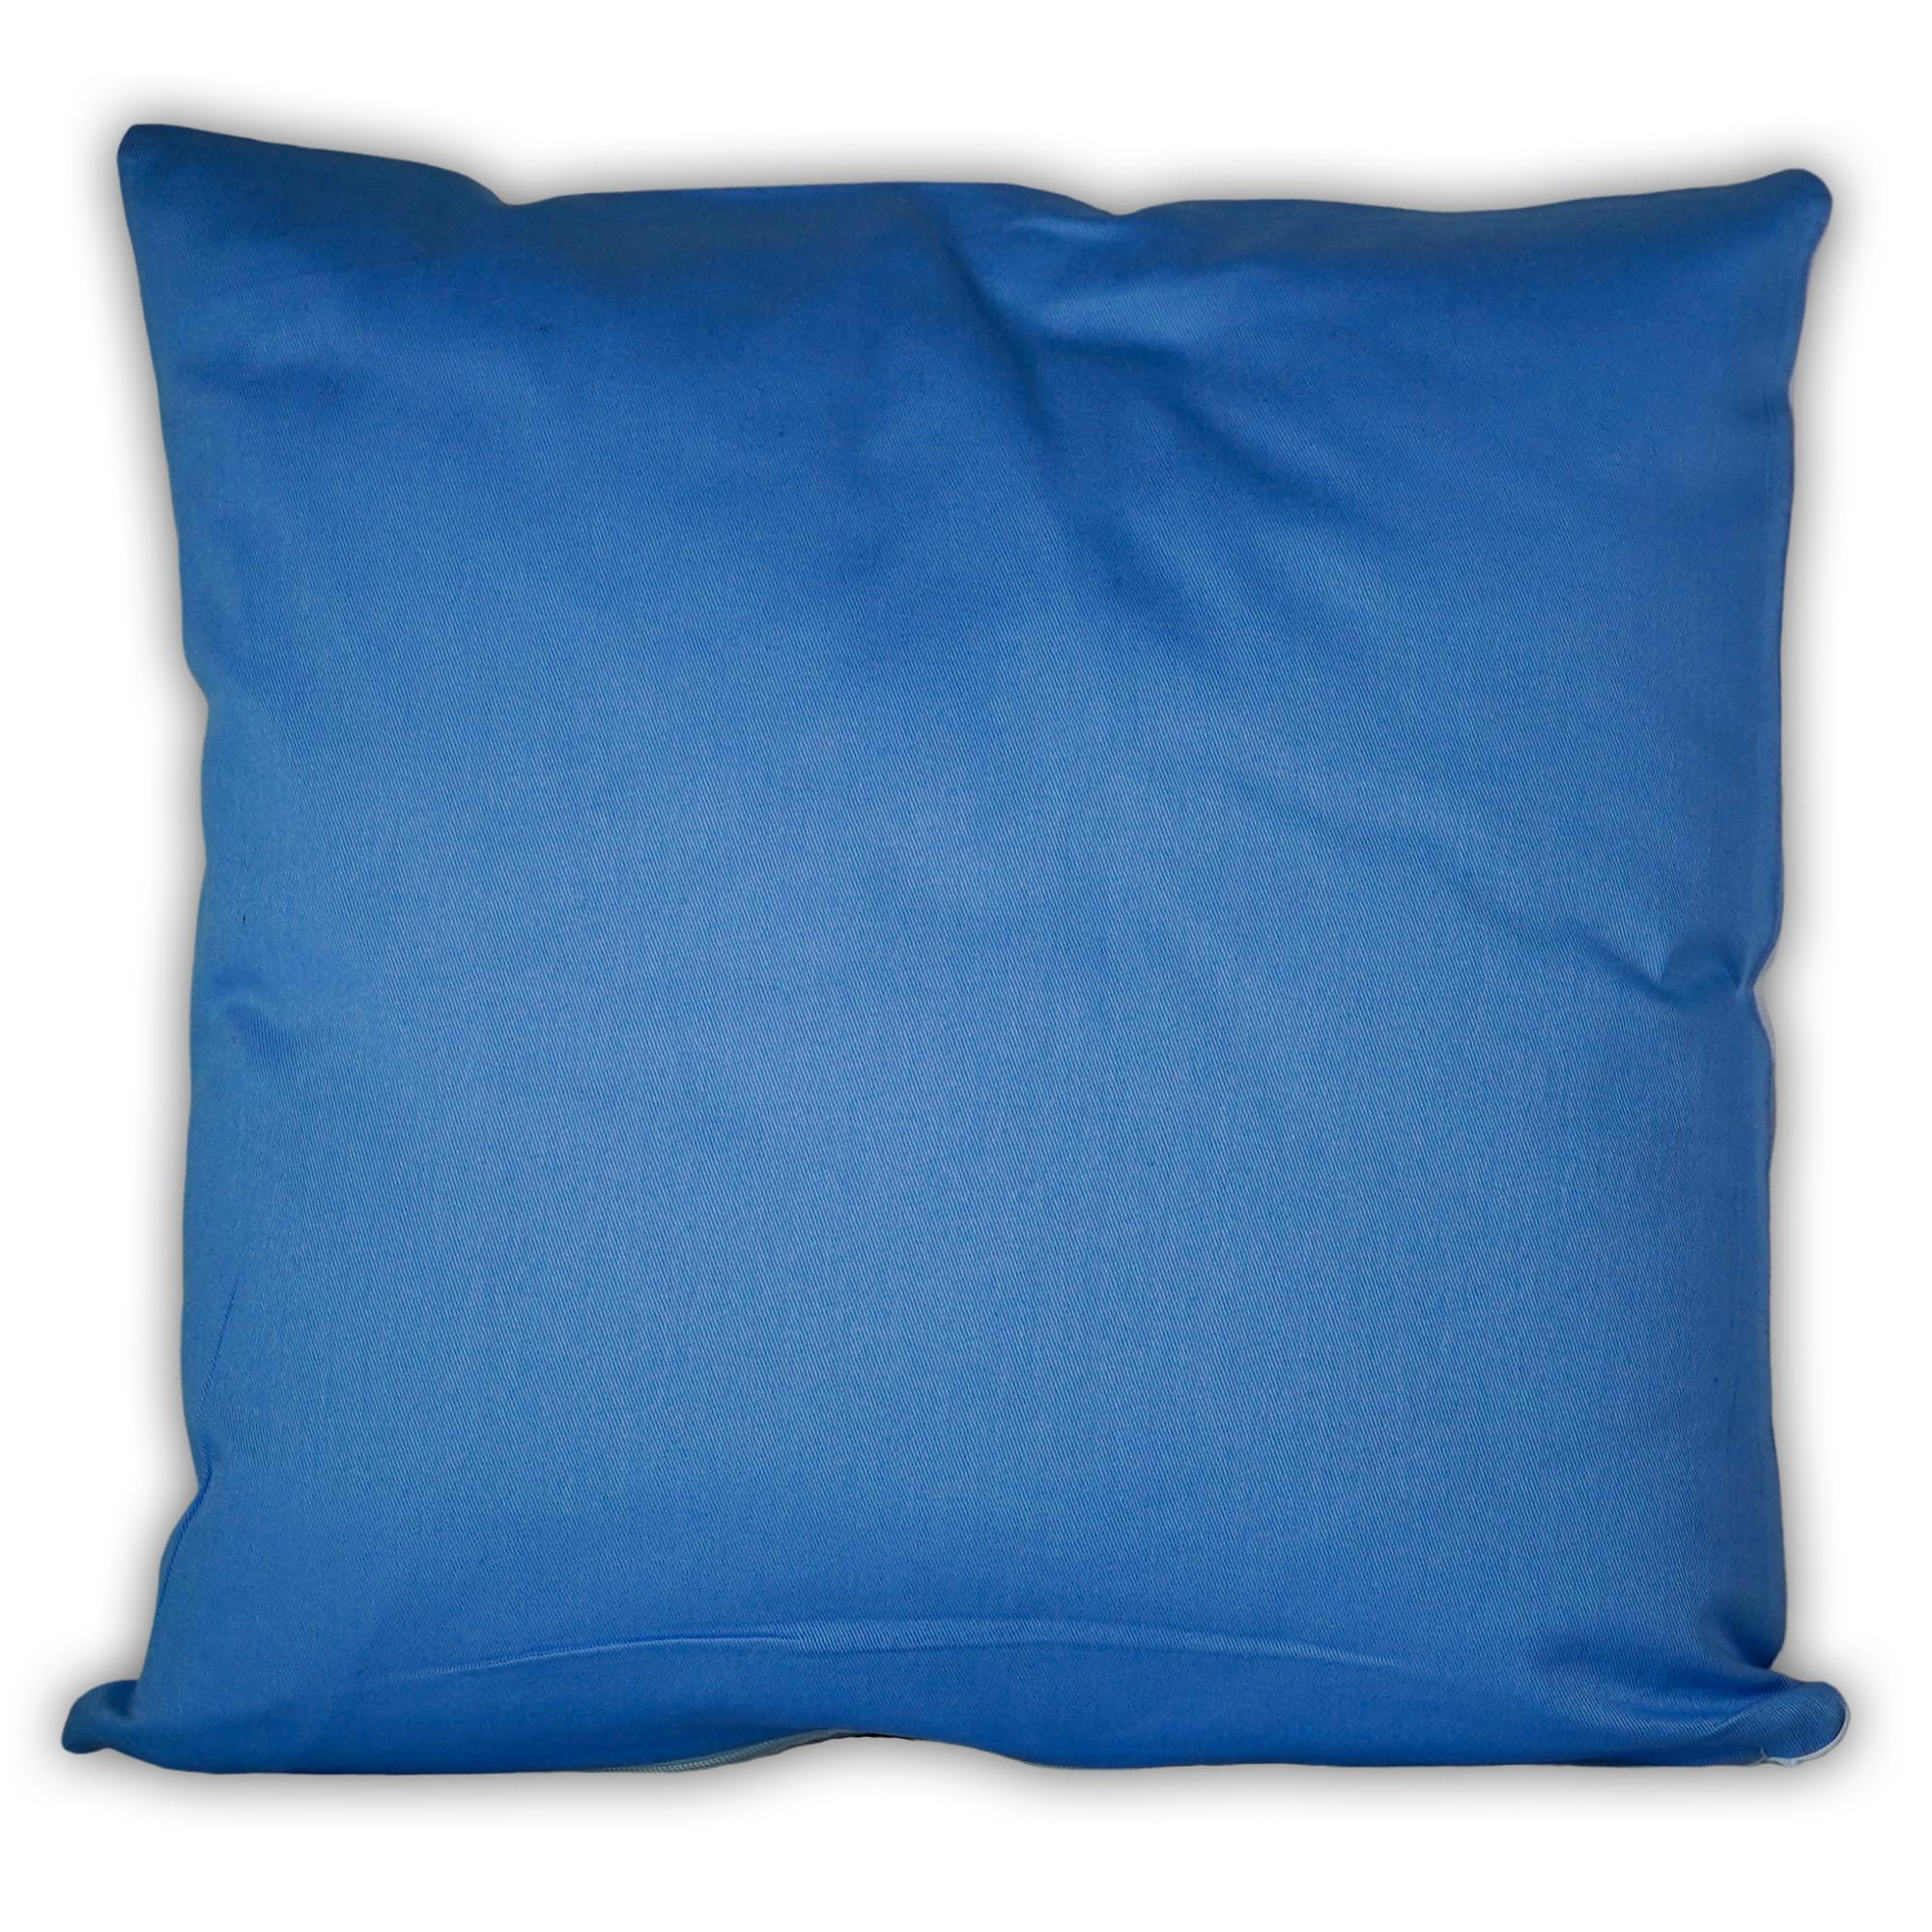 Fotokissen quadratisch zweifarbig blau